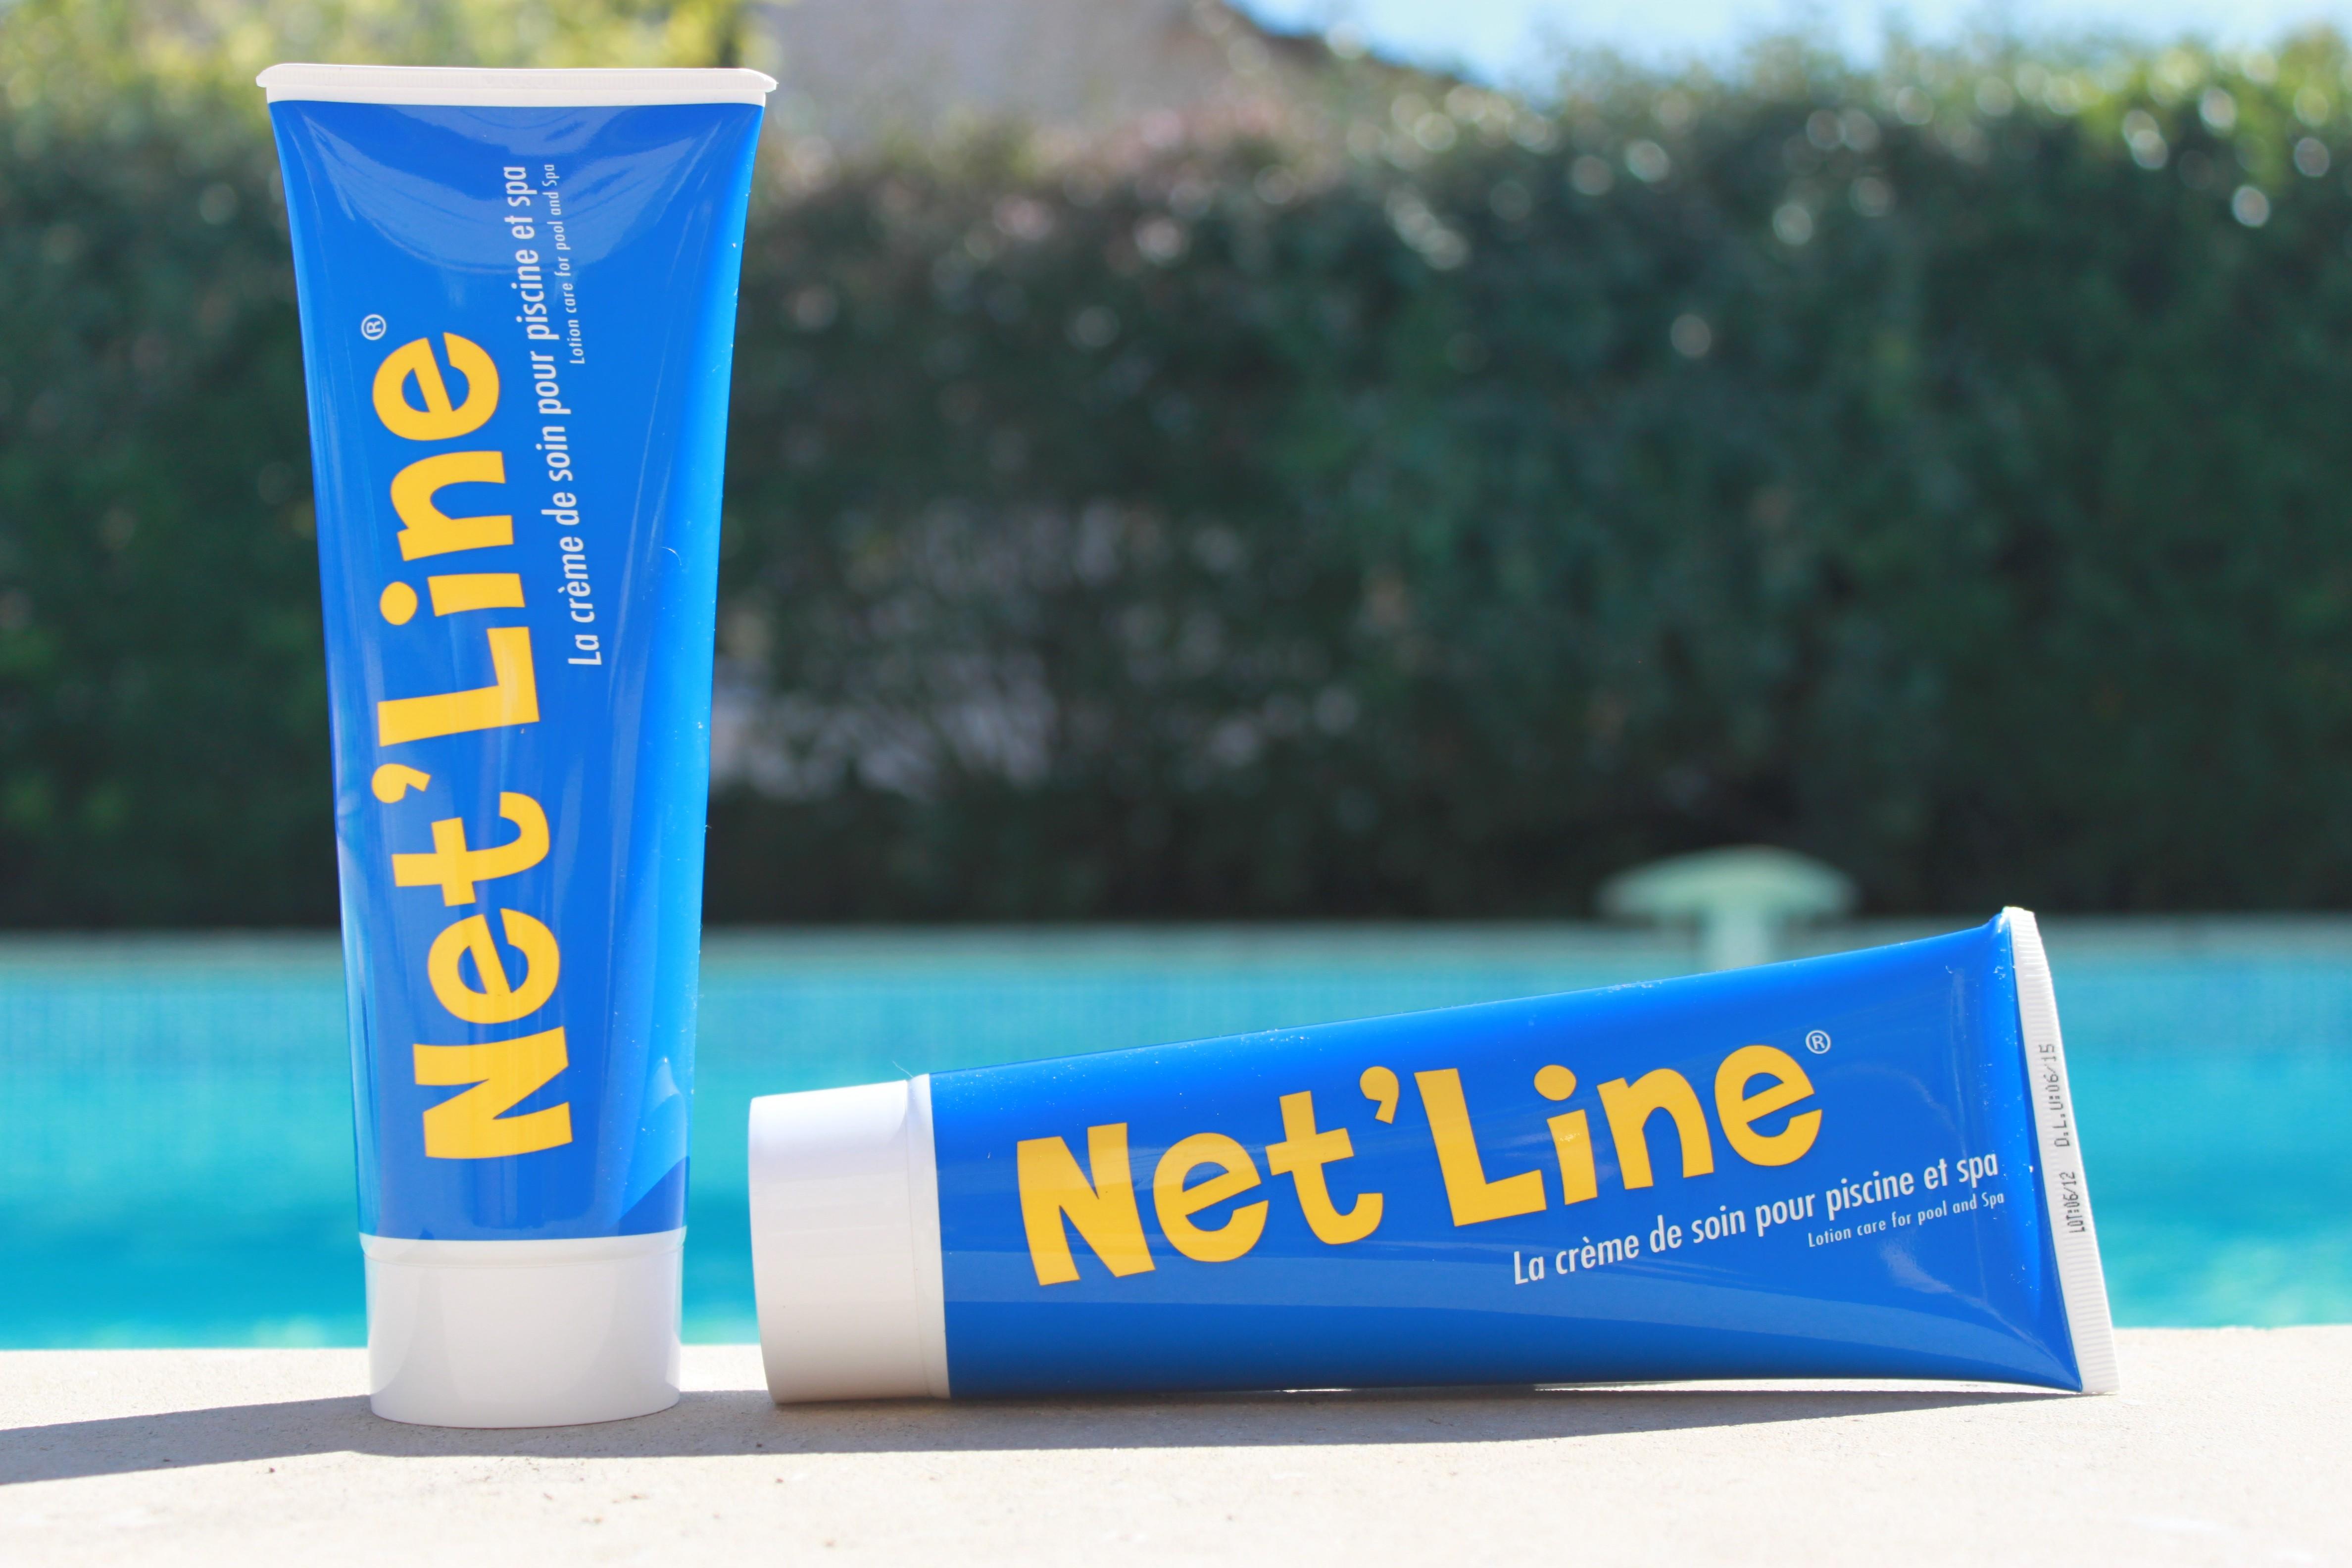 Net line for Accessoire piscine 78